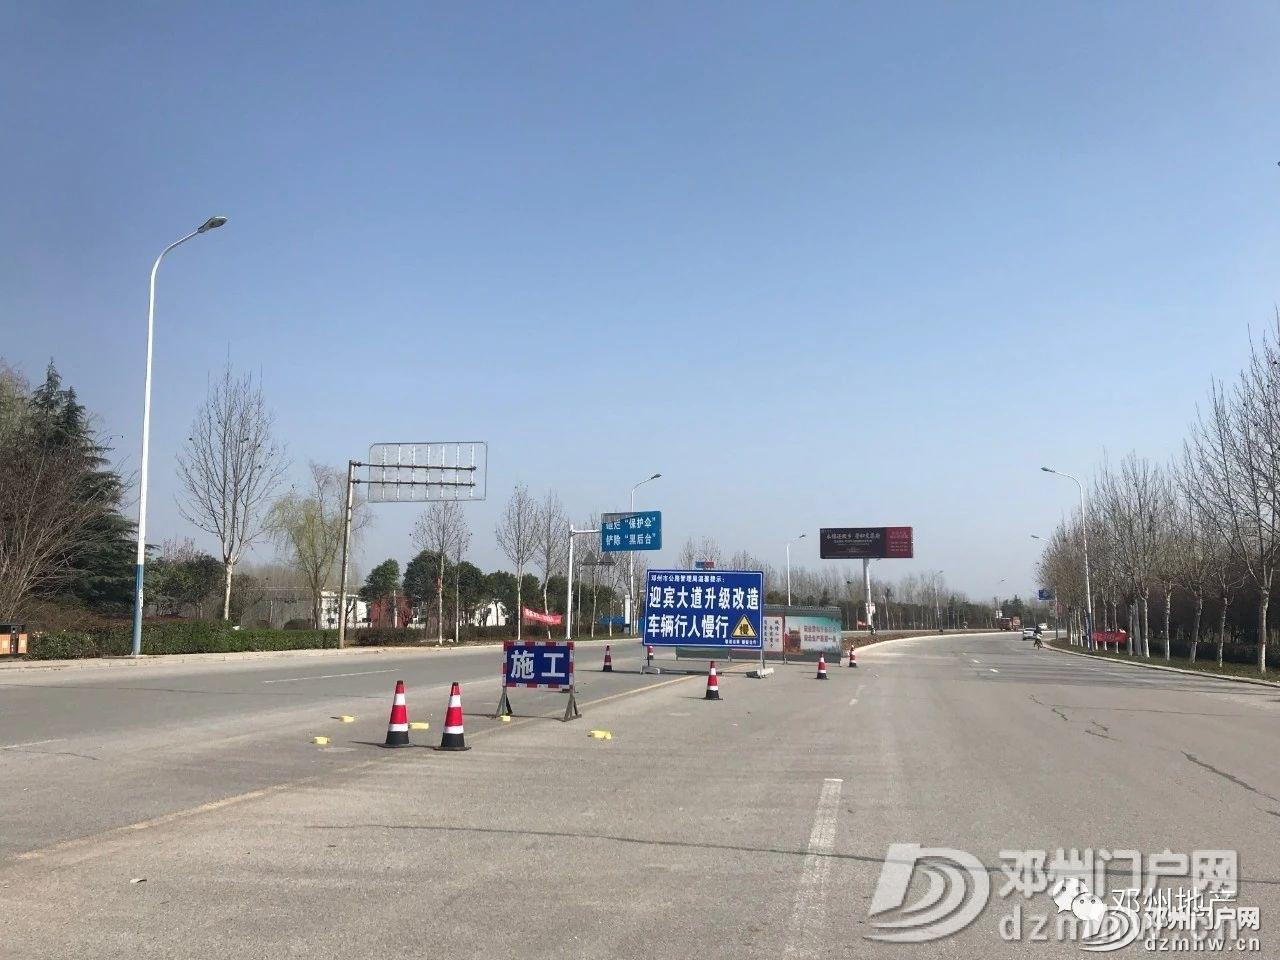 最新!关于邓州市迎宾大道改造升级,实拍来啦! - 邓州门户网|邓州网 - 55df78b8425c70ba96839c16a920e305.jpg